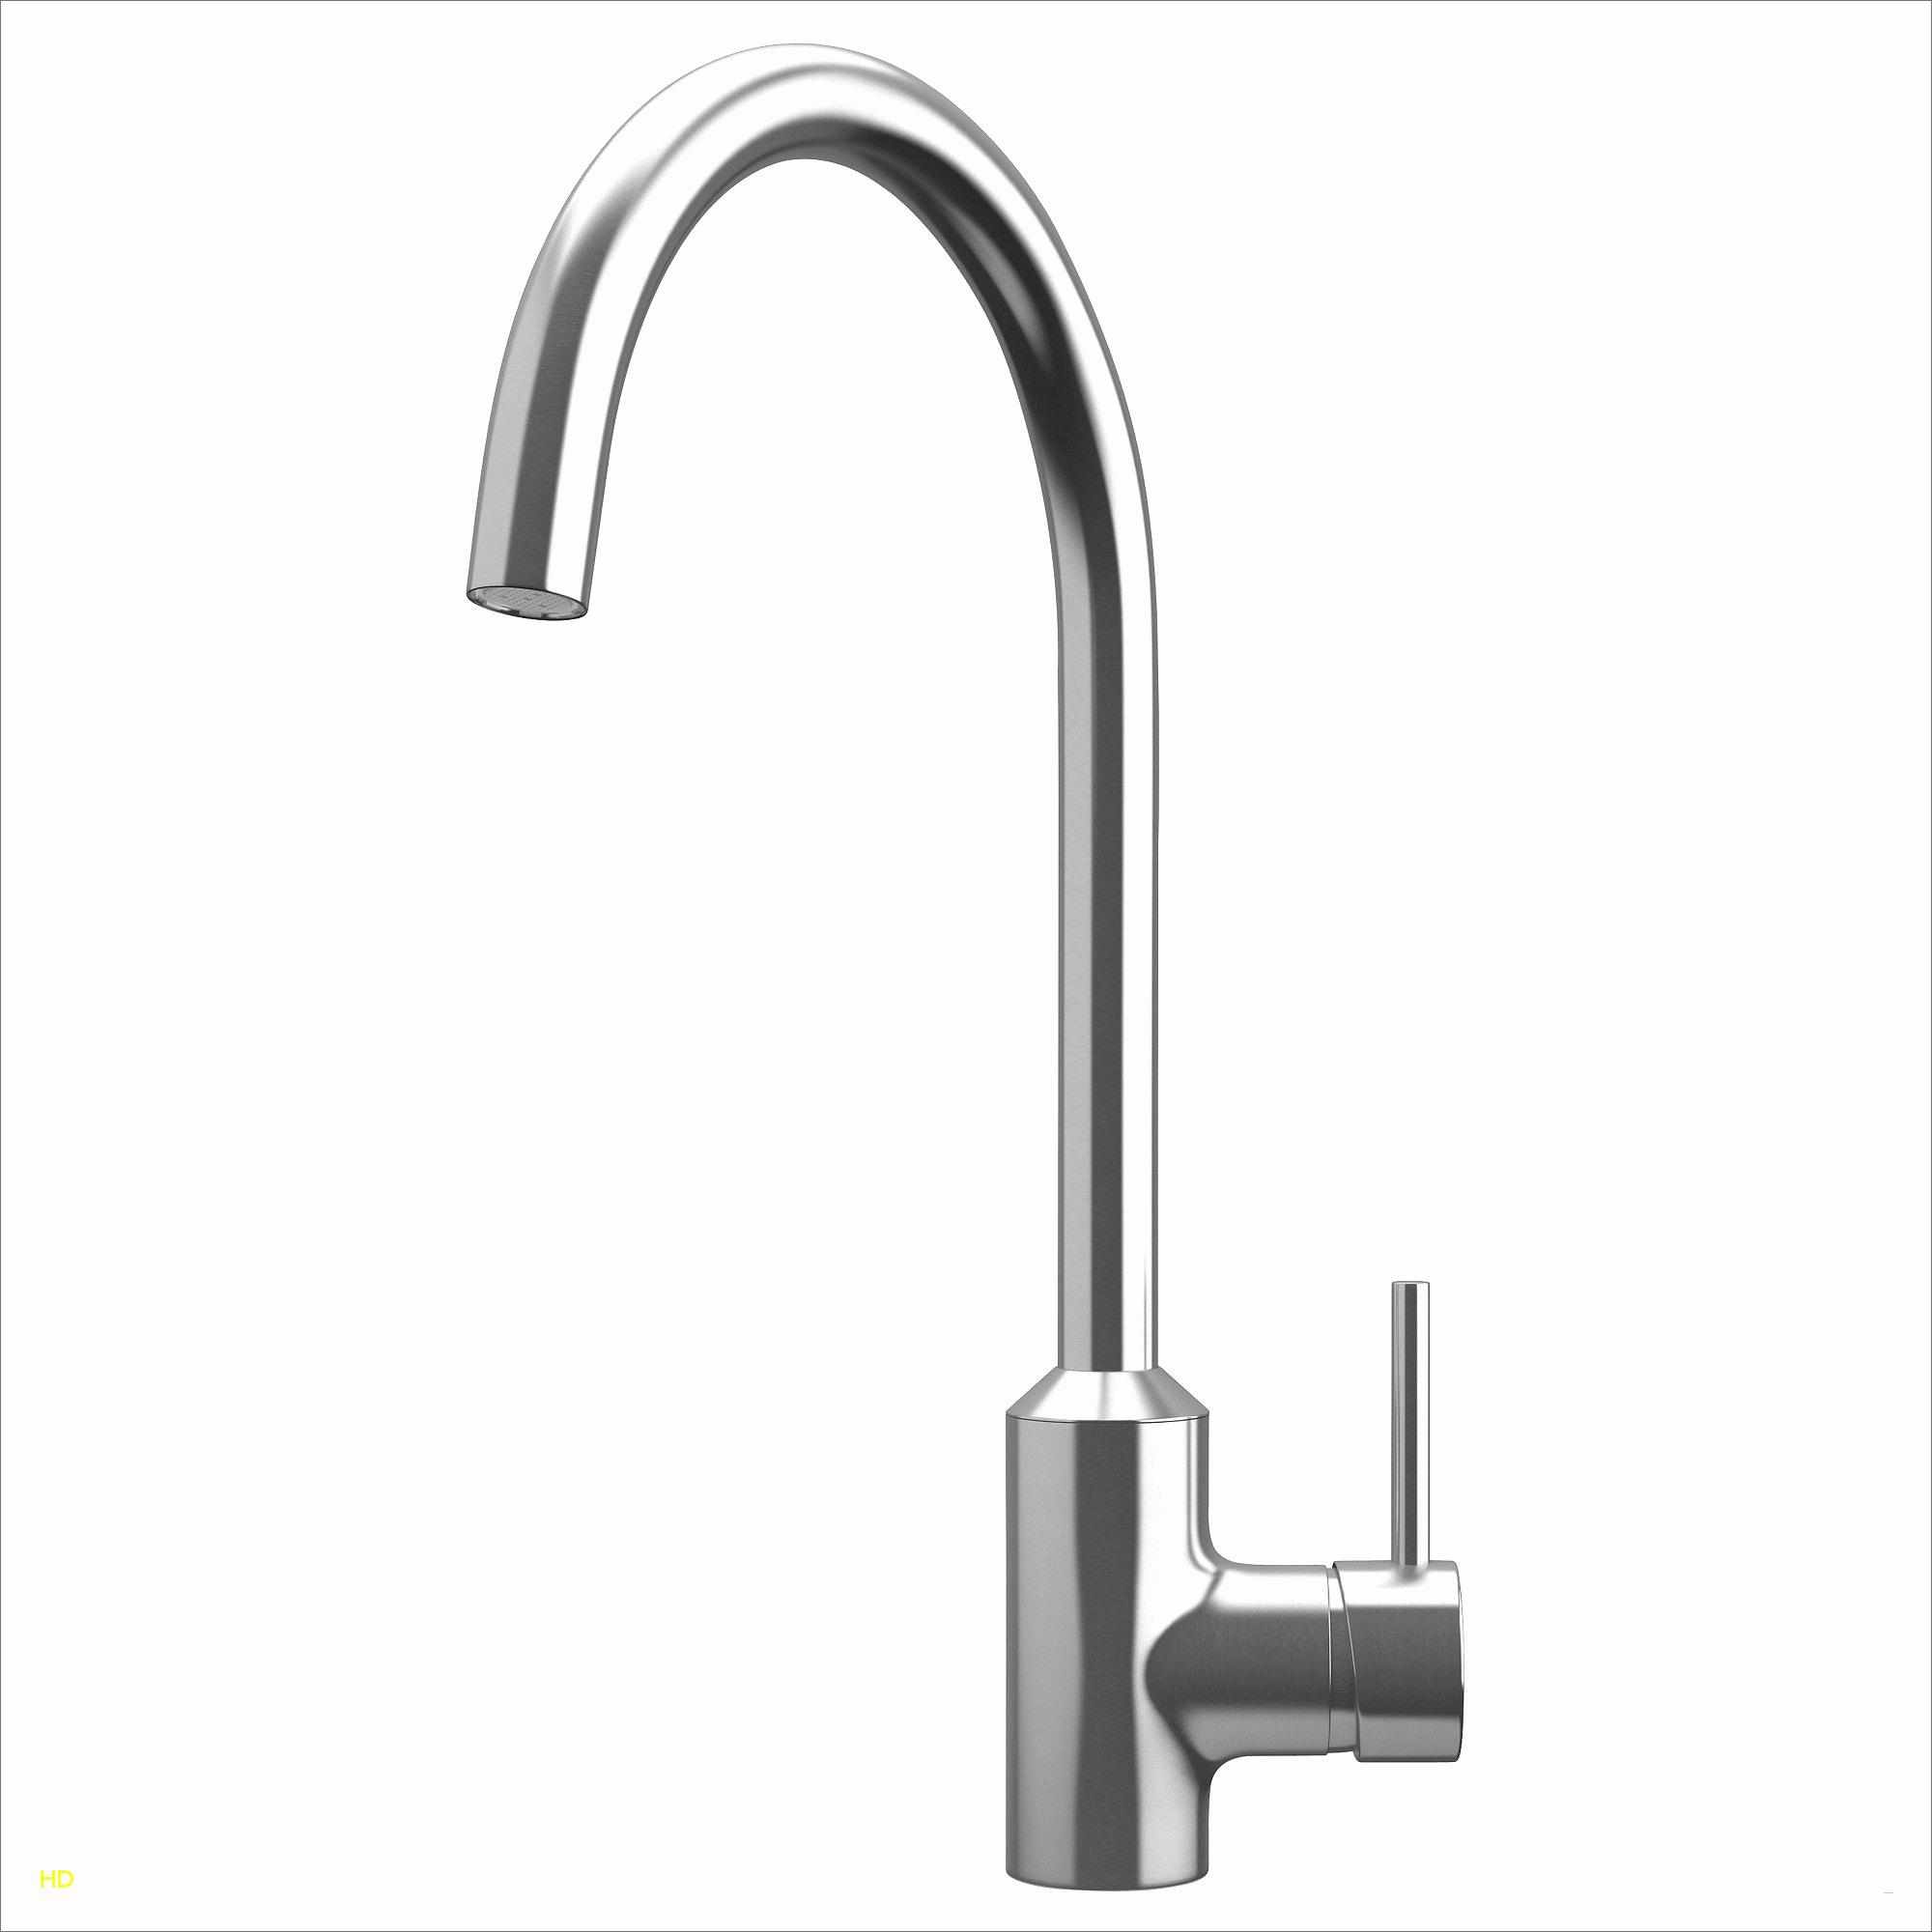 Full Size of Grohe Wasserhahn Kuche Für Küche Dusche Bad Thermostat Wandanschluss Wohnzimmer Grohe Wasserhahn